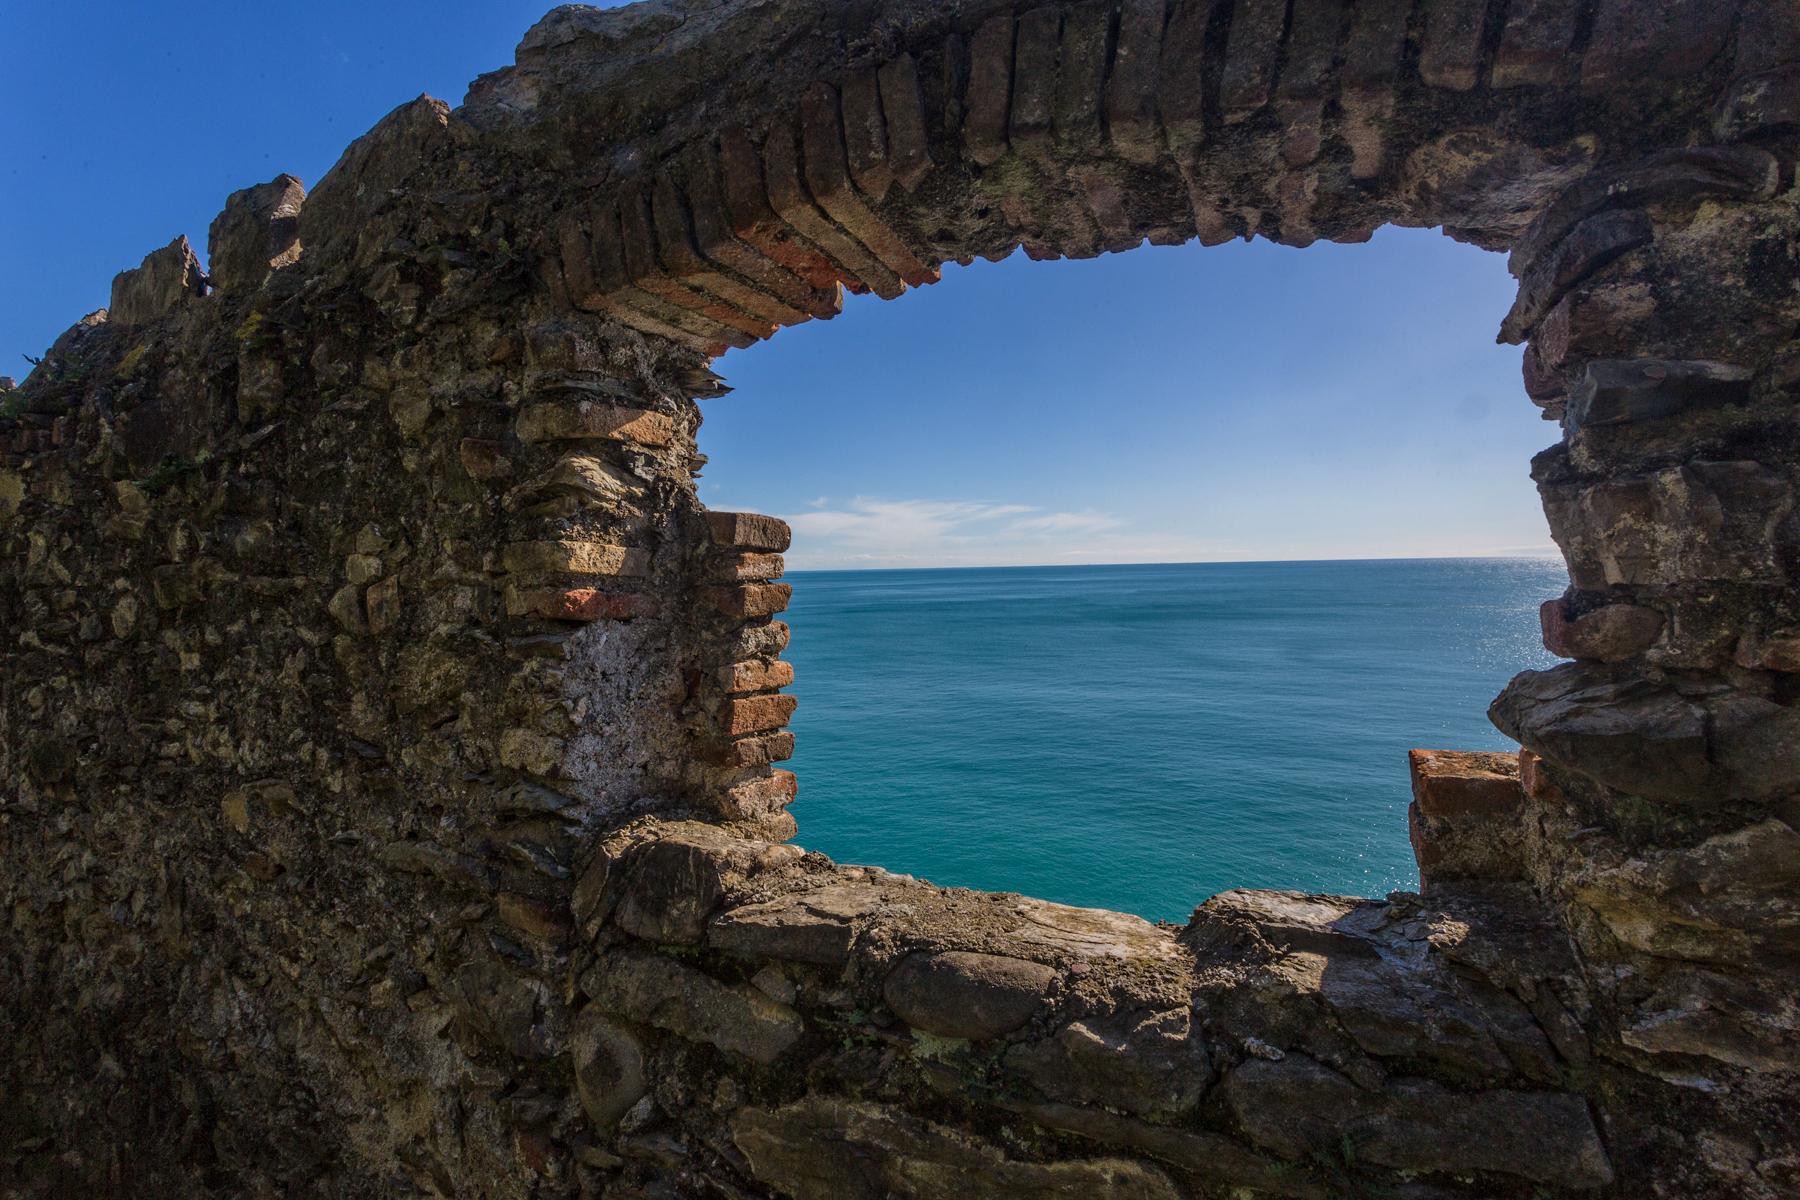 Una_finestra_aperta_allinfinito_-_Convento_Frati_Cappuccini_Monterosso_al_Mare_-_Cinque_Terre